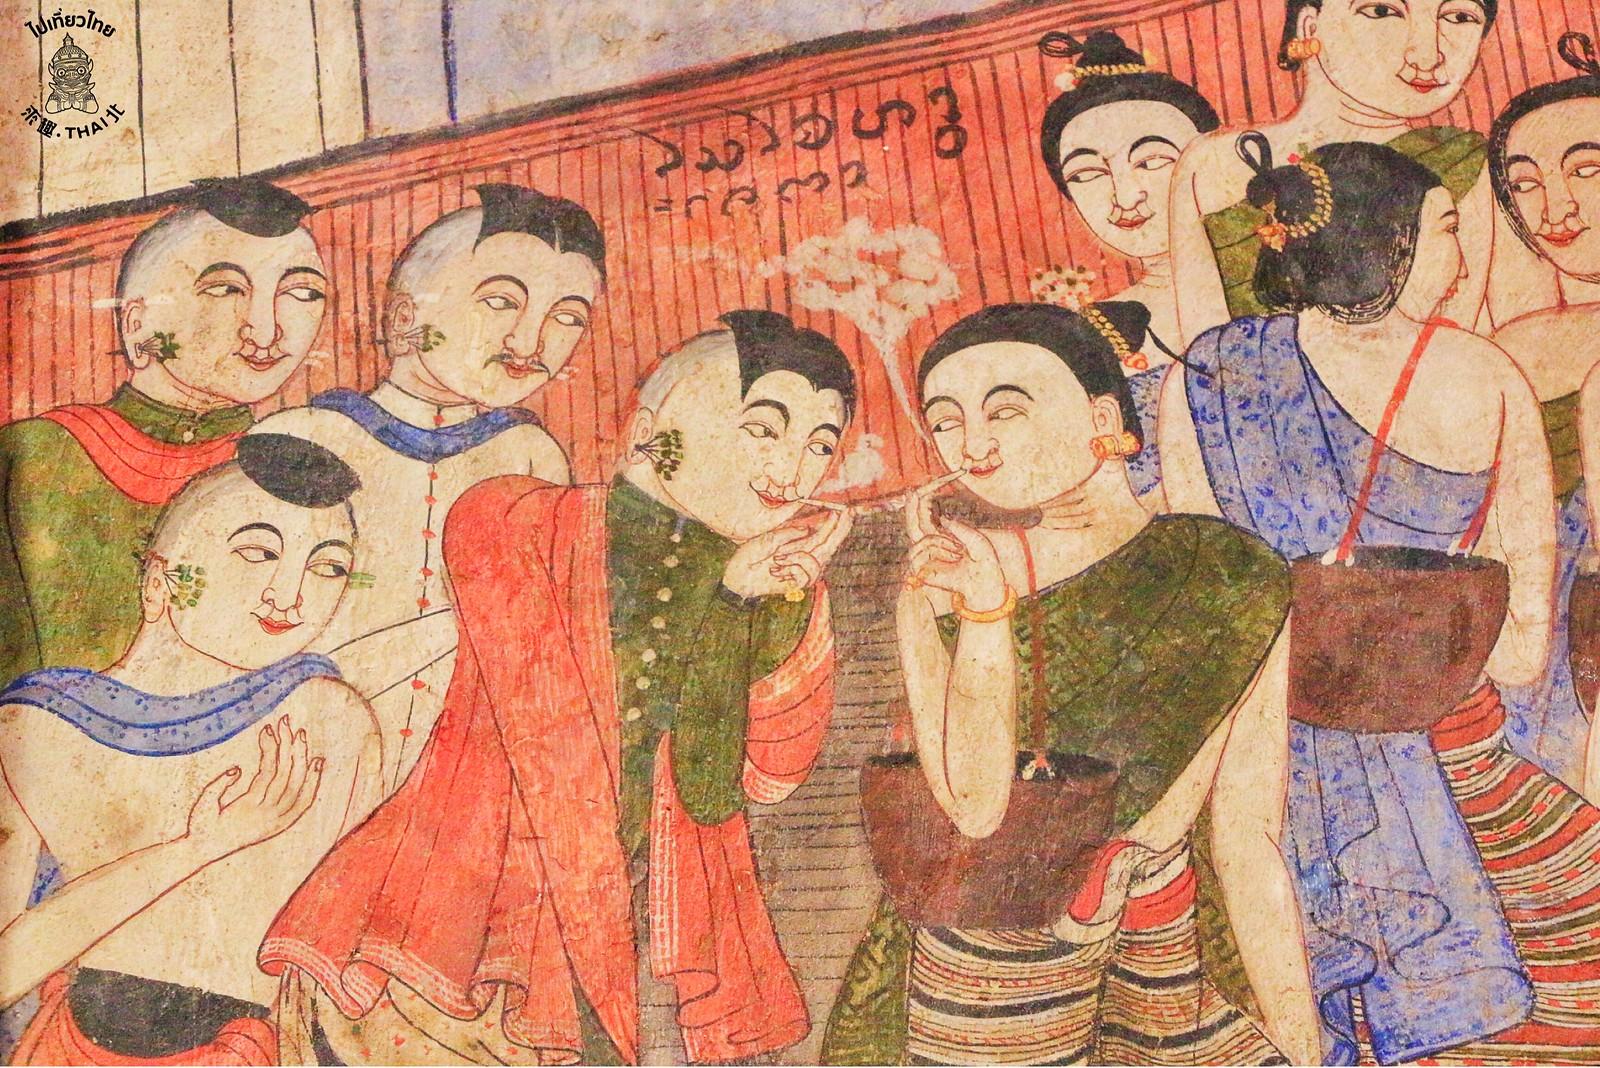 世界聞名的《普明寺 Wat Phu Mintr วัดภูมินทร์》